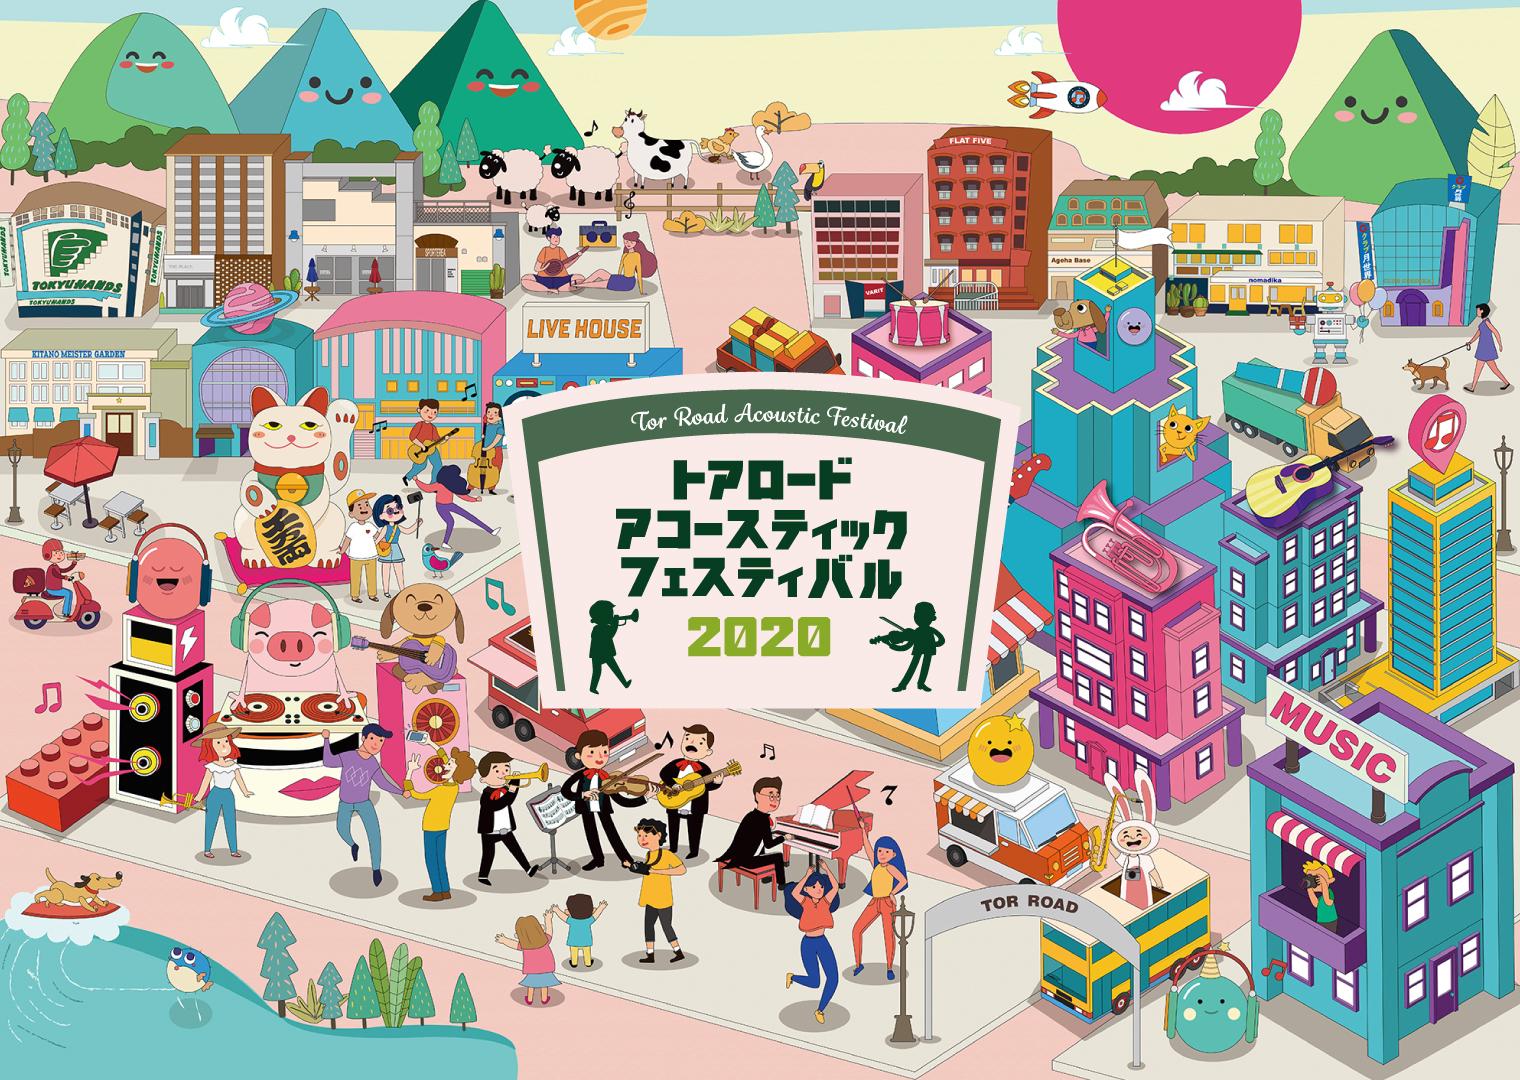 『トアロード・アコースティック・フェスティバル2020』